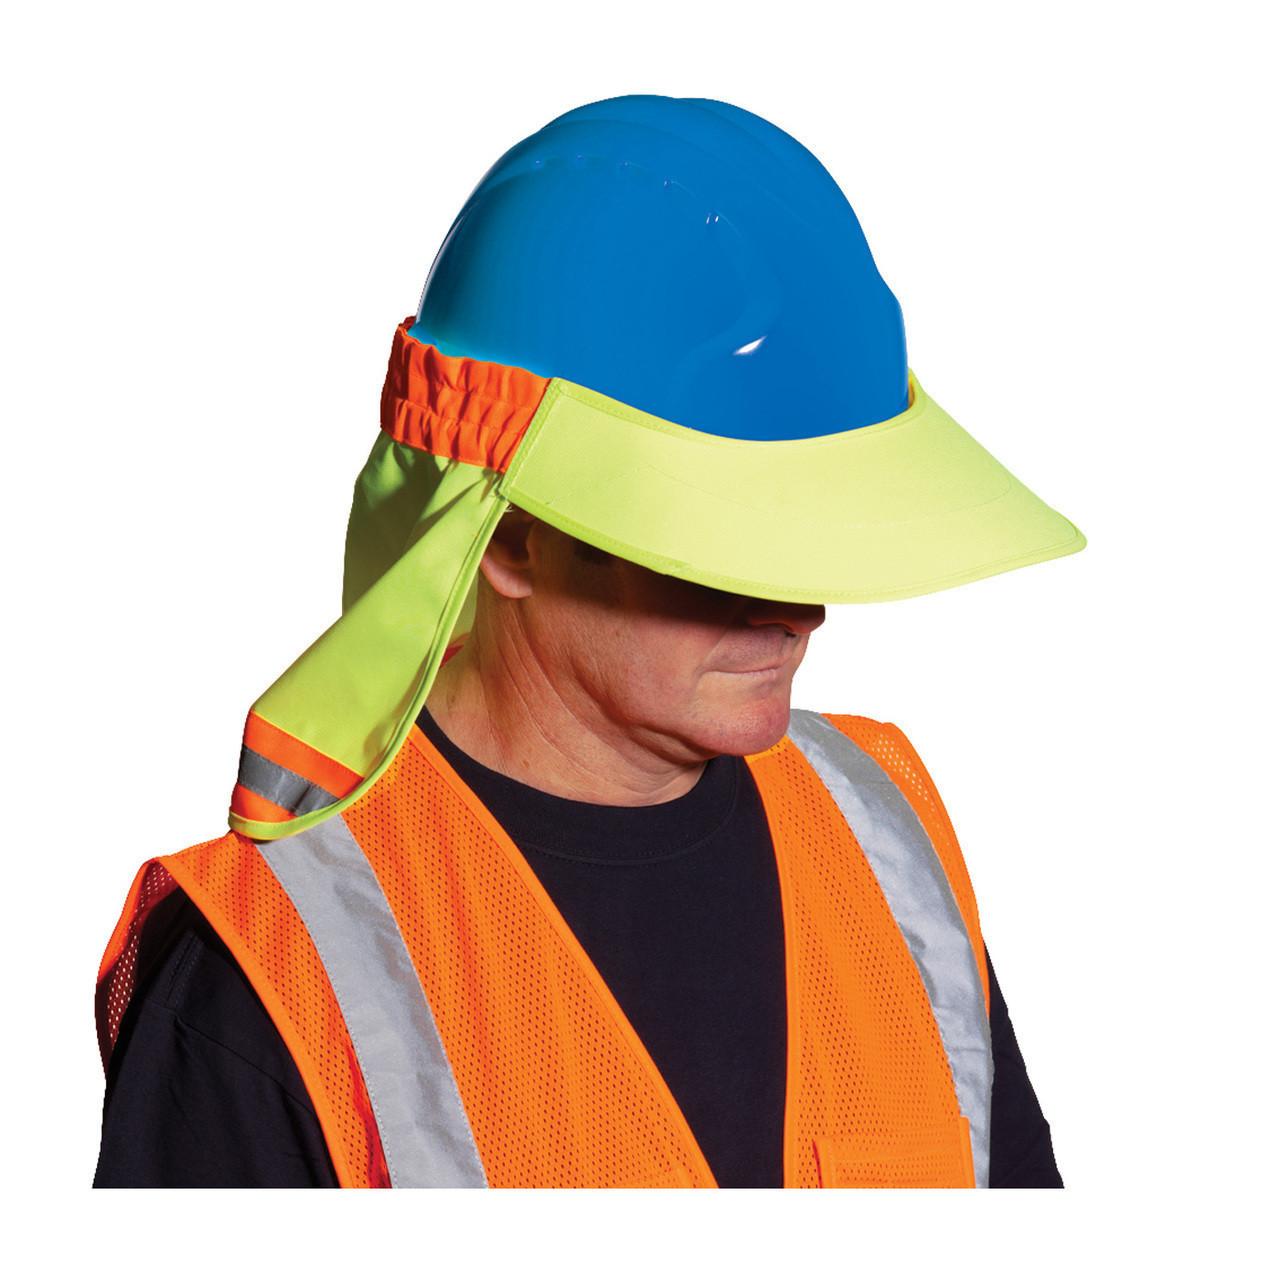 0aac9c5aa3d2b EZ-Cool® Hi-Vis Hard Hat Visor and Neck Shade 396-800 - Jendco ...